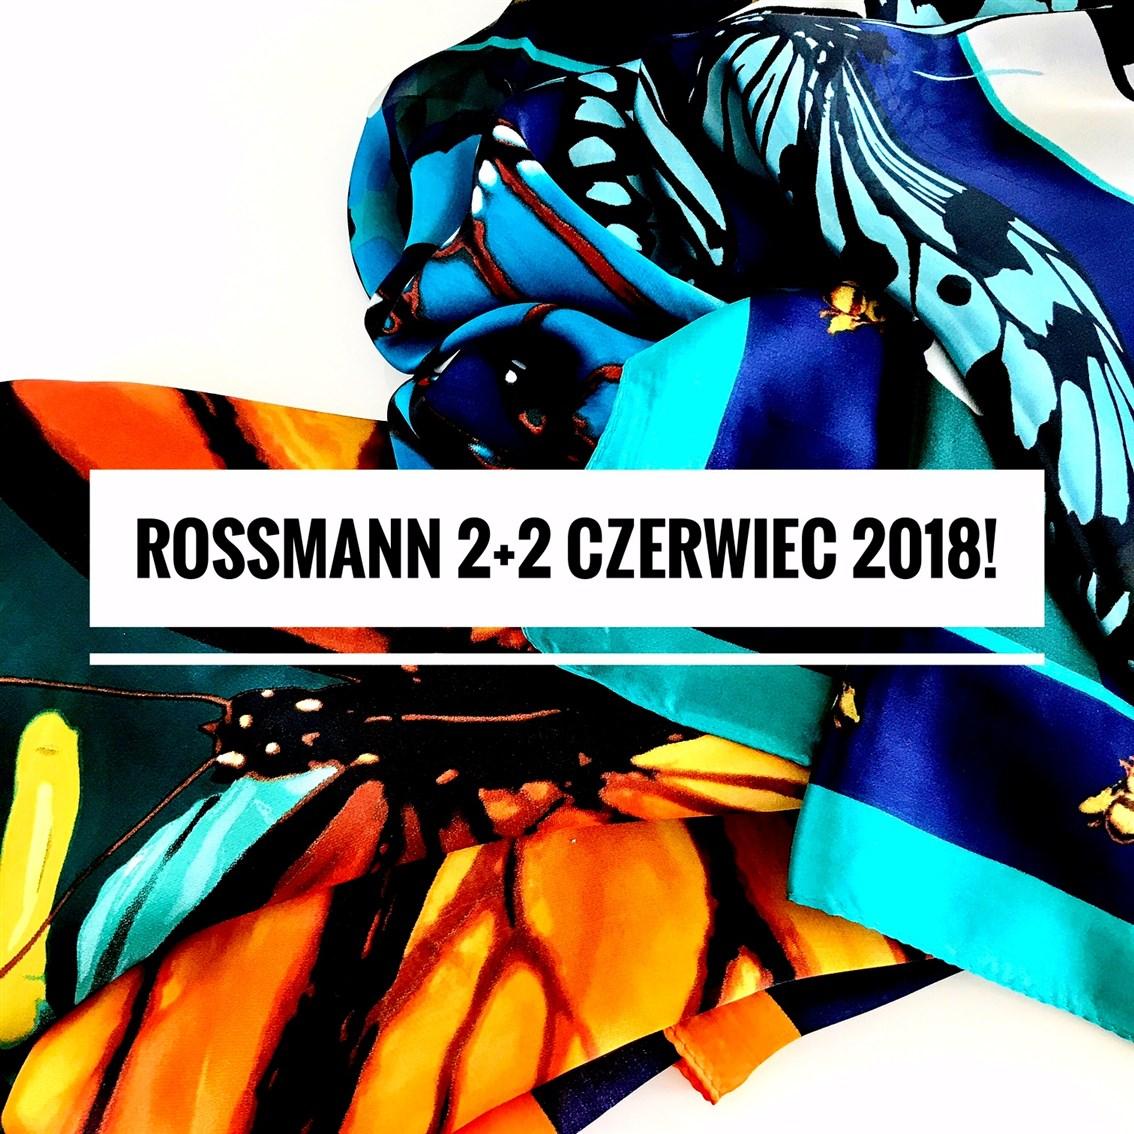 zdjęcie informujące o promocji 2 plus 2 w Rossmannie czerwiec 2018